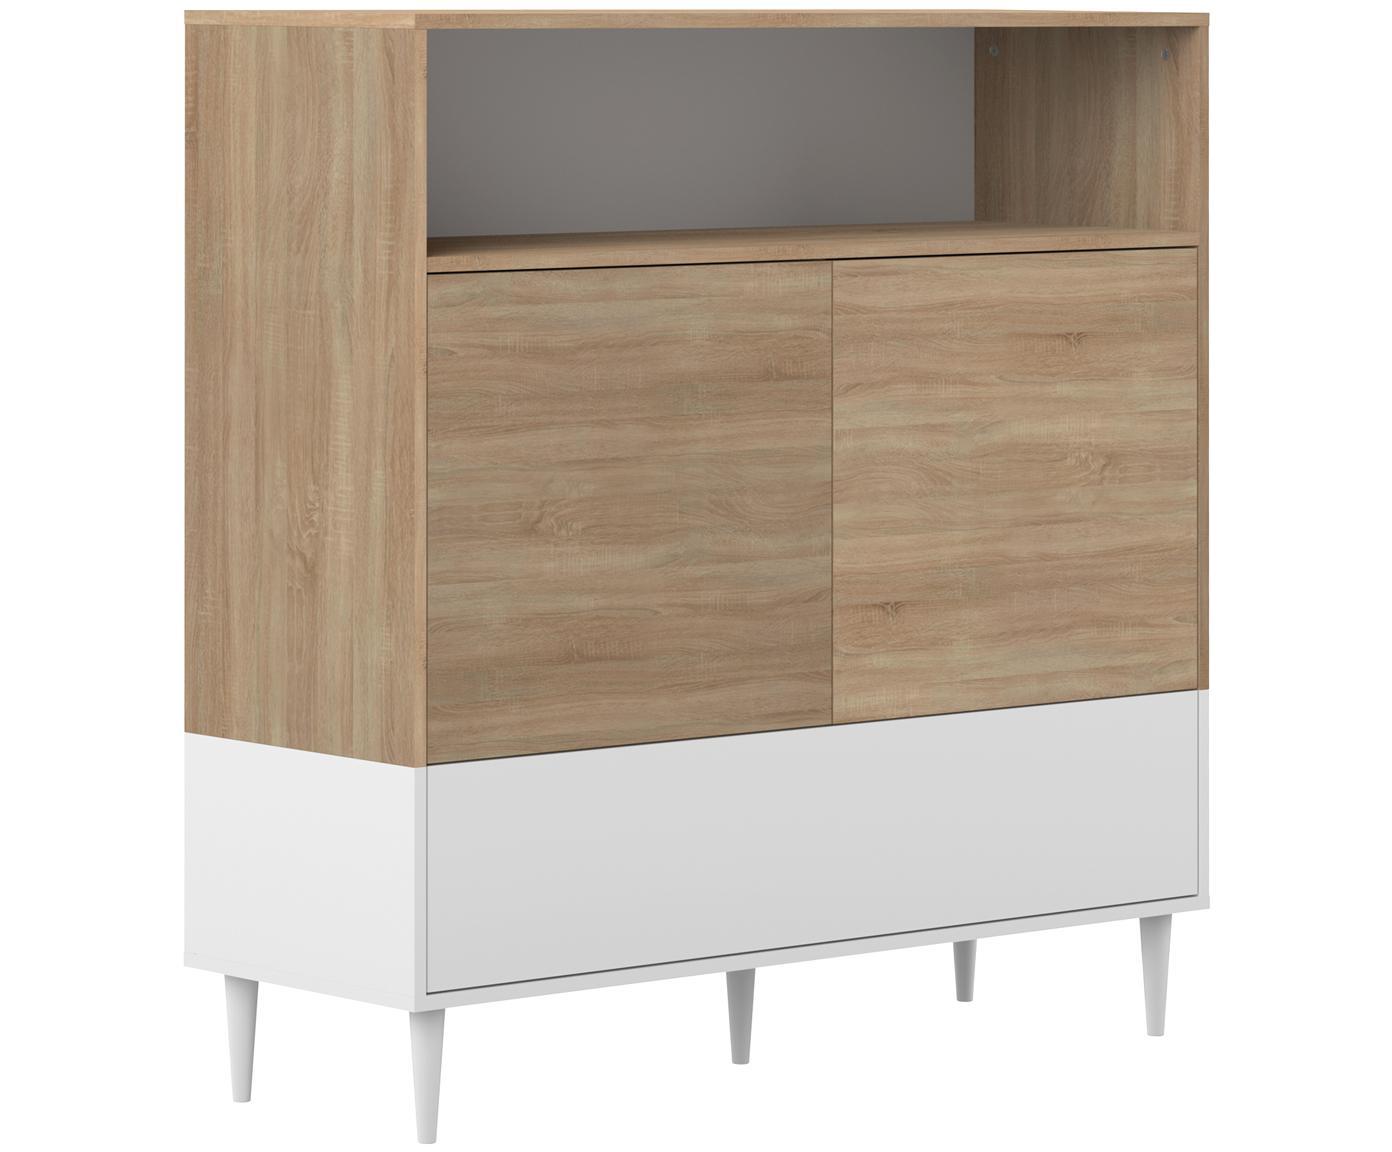 Credenza alta scandi Horizon, Piedini: legno di faggio, massicci, Legno di quercia, bianco, Larg. 120 x Alt. 121 cm